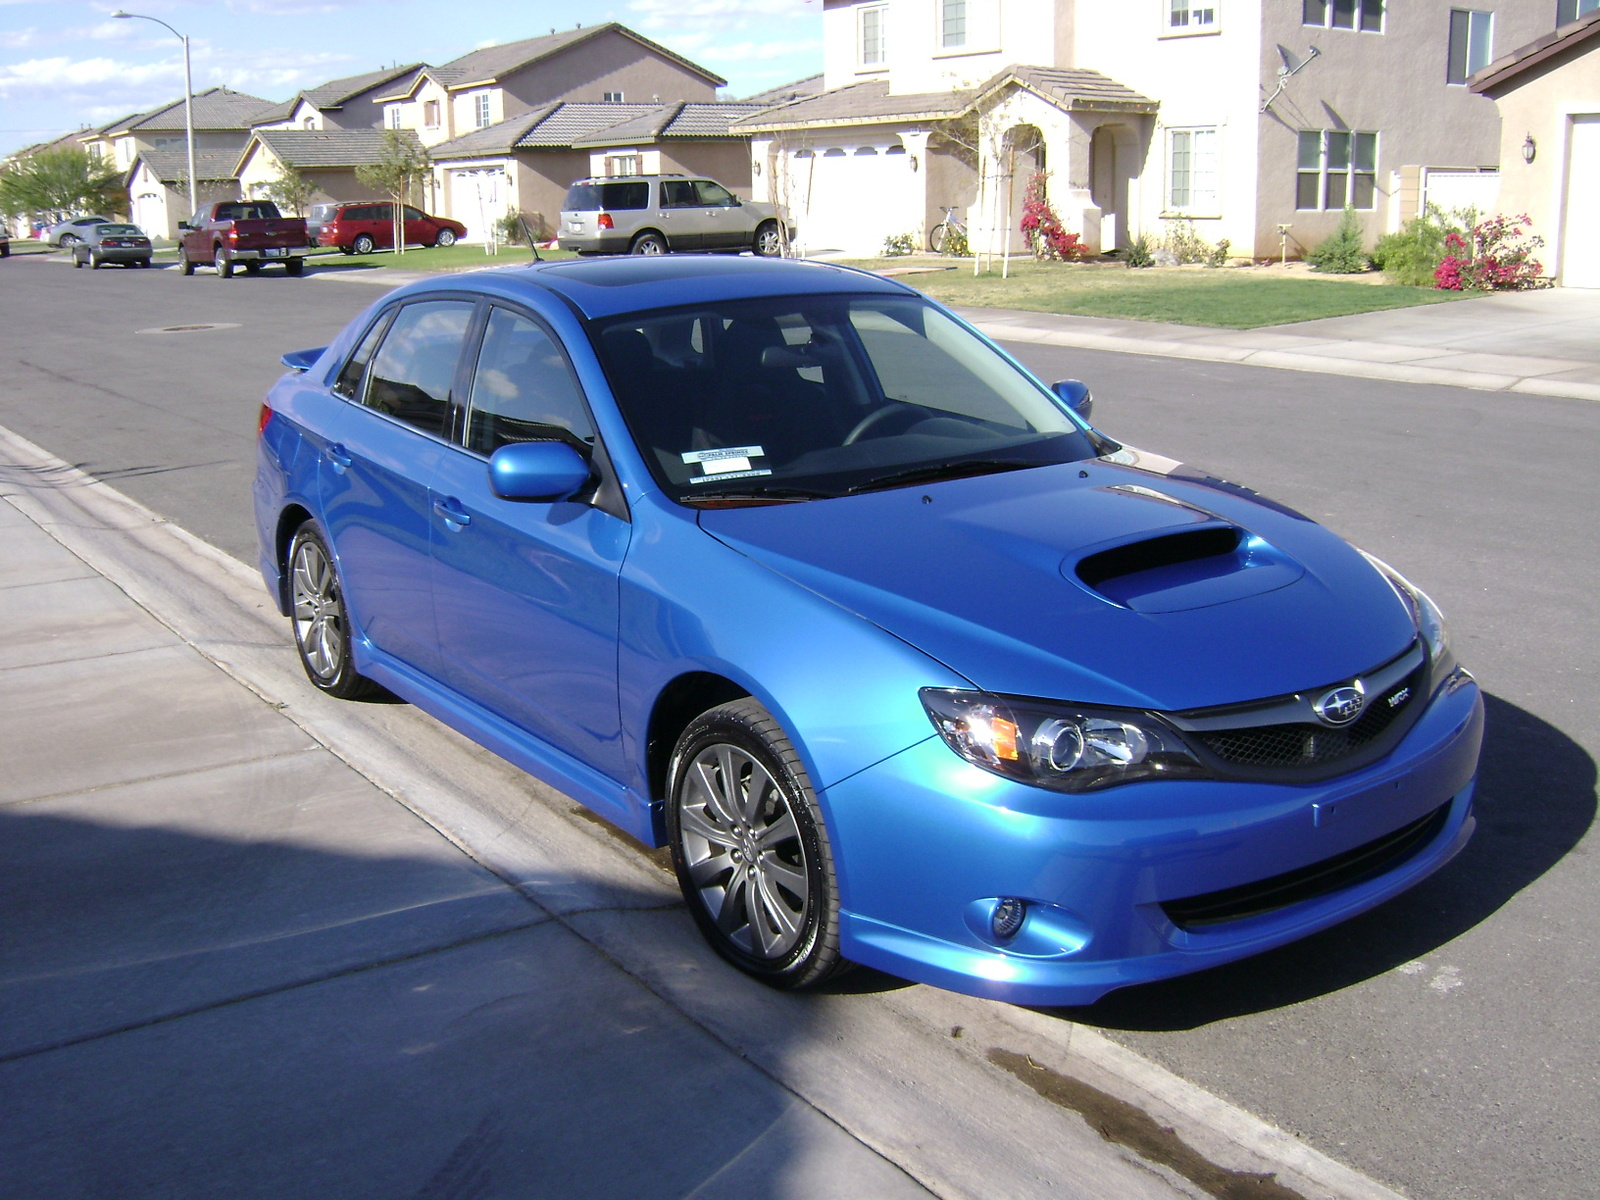 Picture of 2009 Subaru Impreza WRX Premium